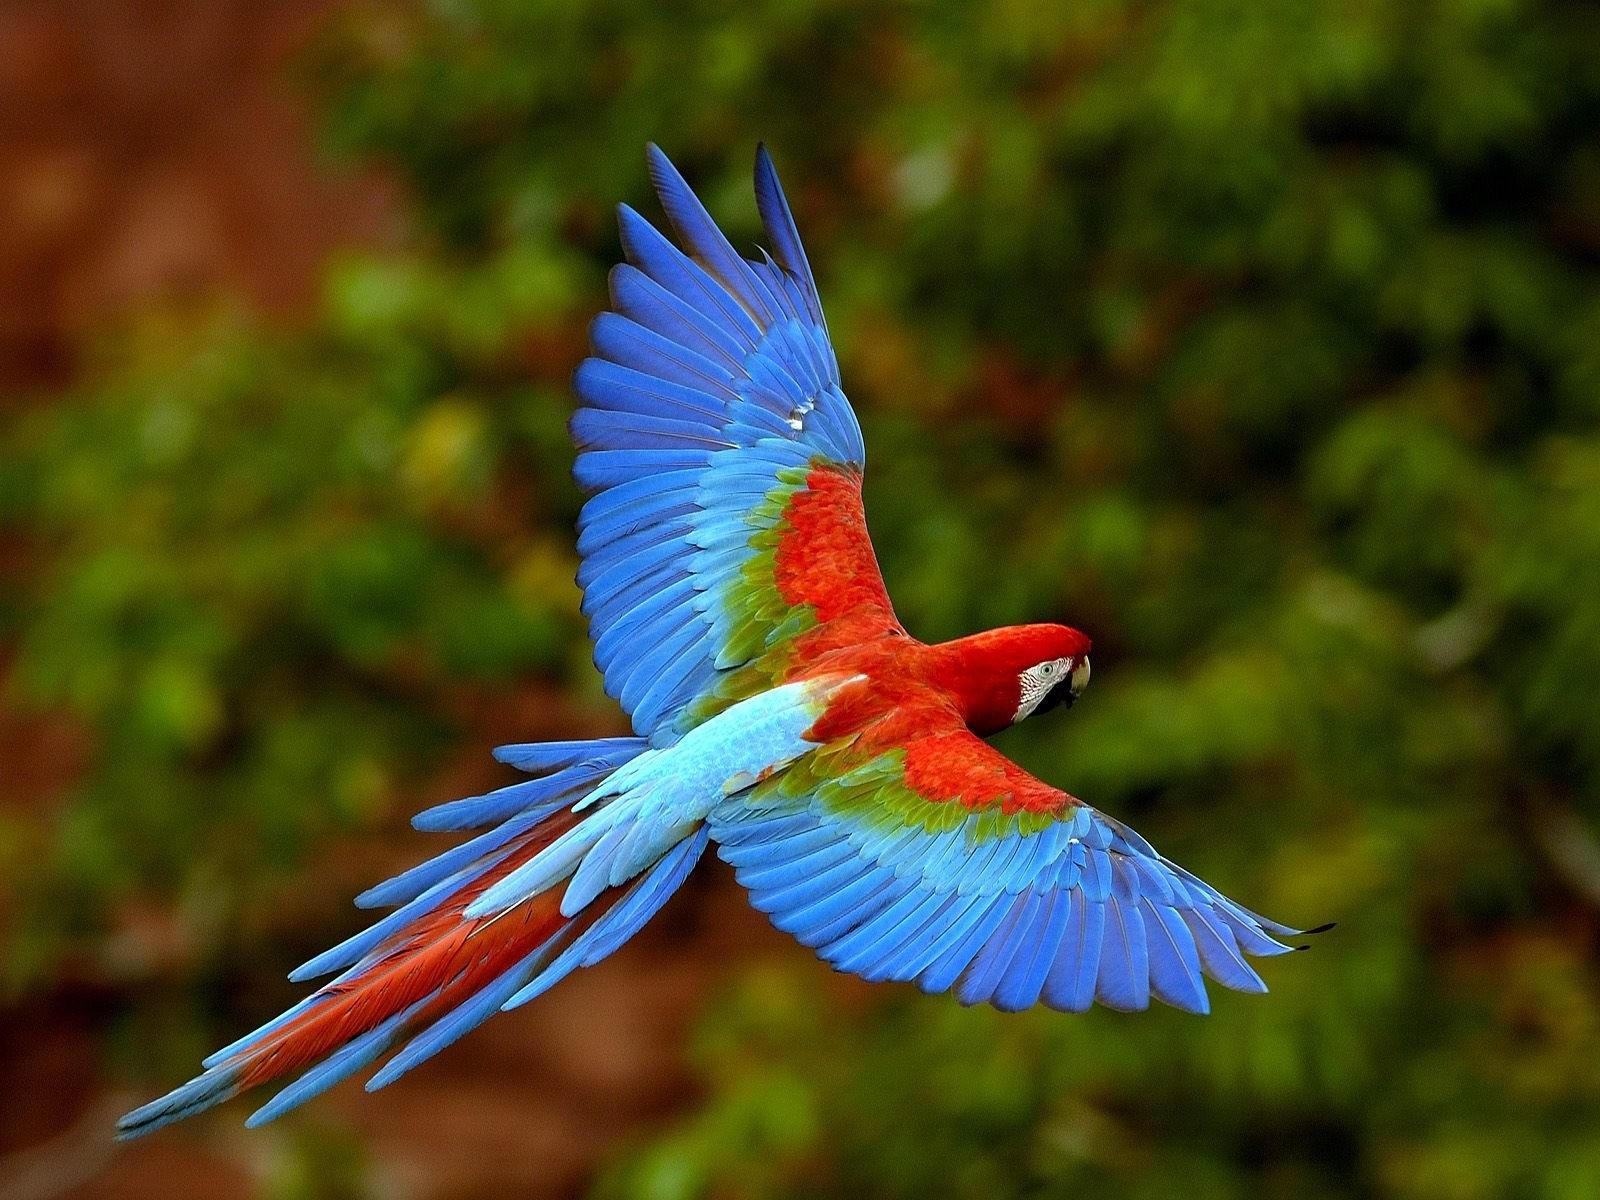 Попугай в полете